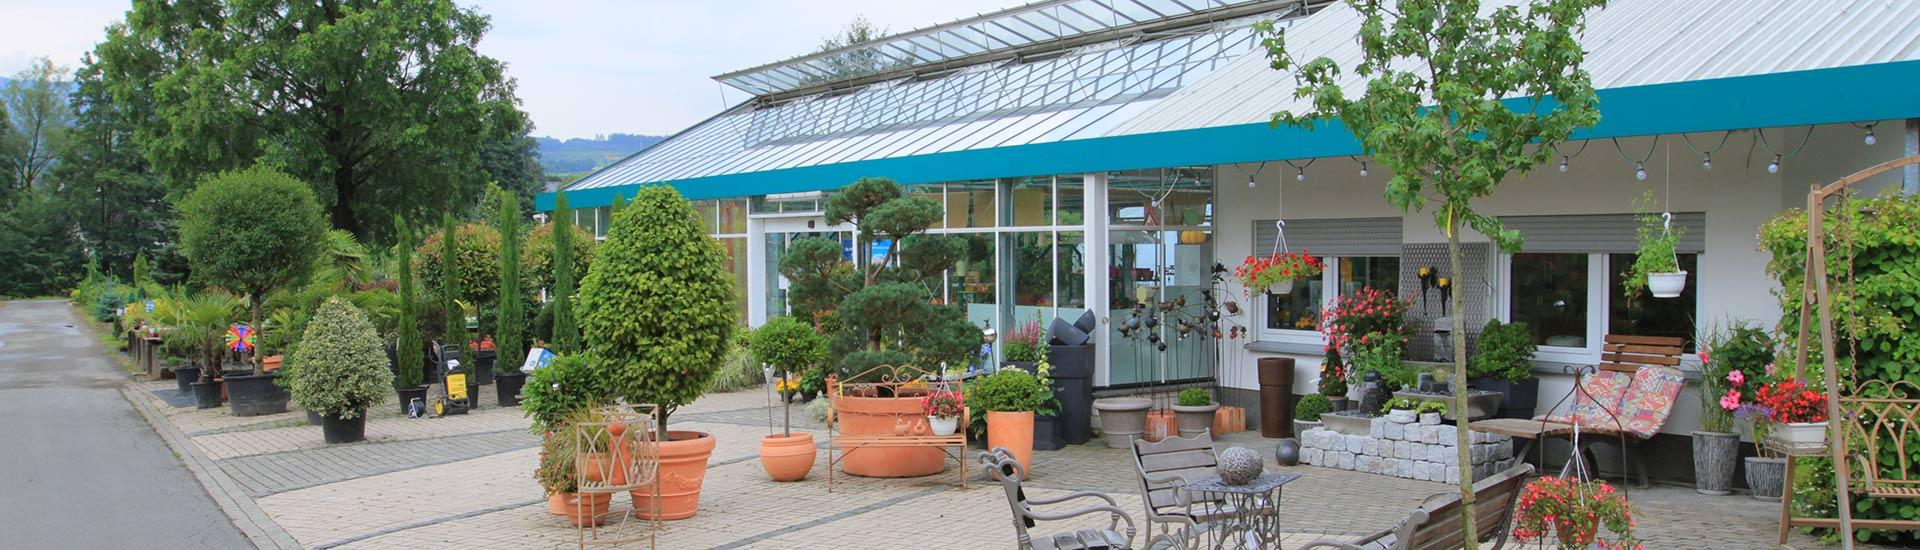 pflanzen-gockel-pflanzencenter-sauerland-001